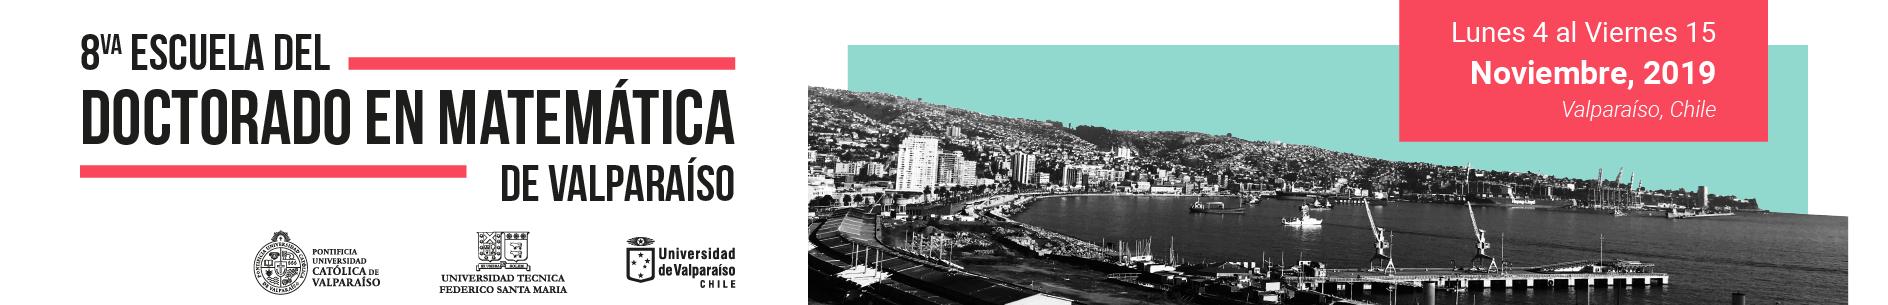 Vlll Escuela del Doctorado en Matemática de Valparaíso